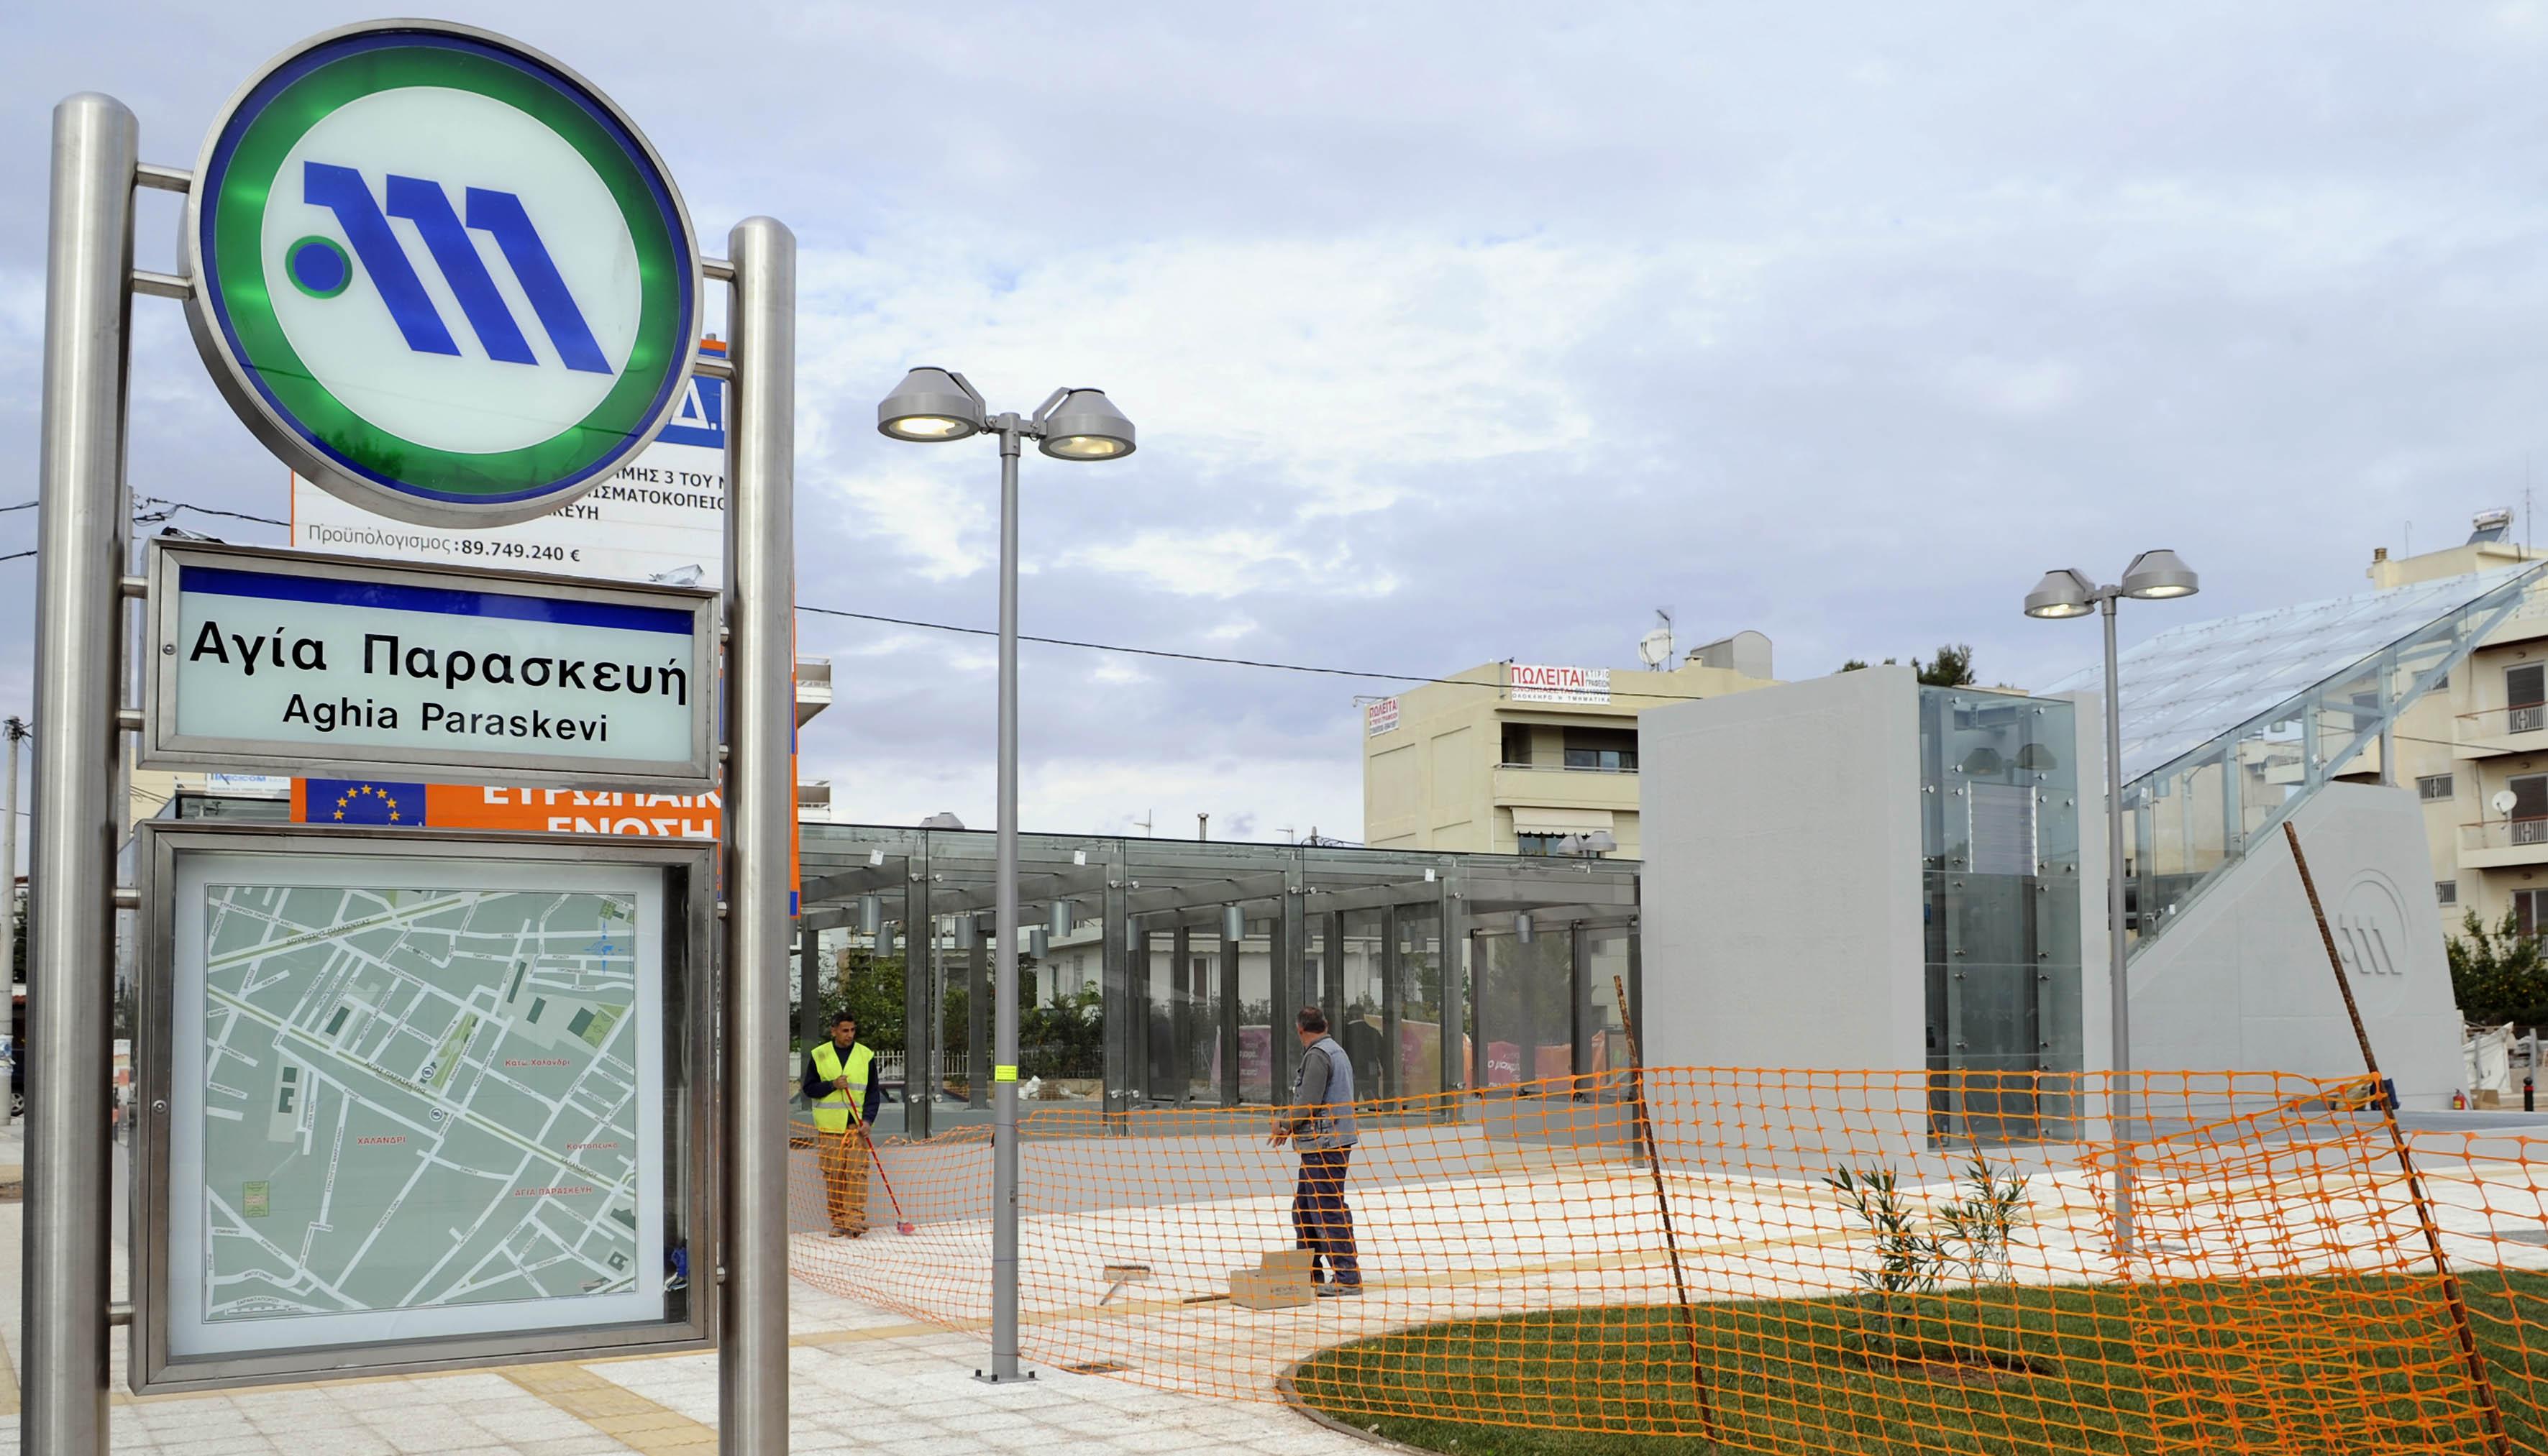 Metroagia Paraskeyh Syntagma 13 Lepta Eidhseis Nea To Bhma